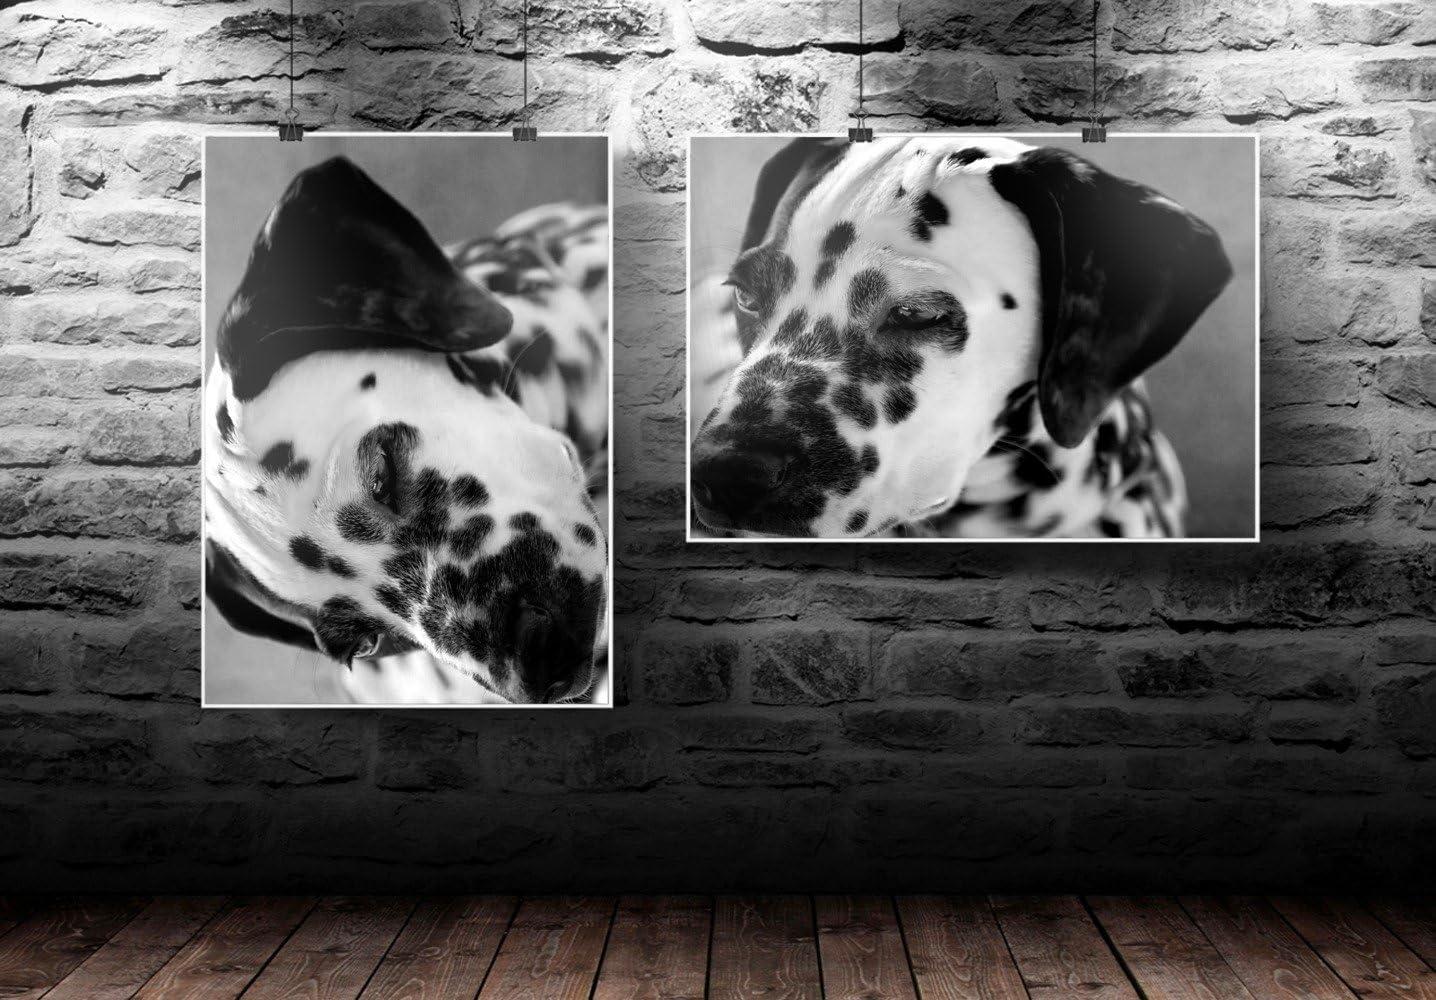 Chiens 070 Dalmatien Grandeur: 8.5 x 11-22 x 28 cm Poster en Vinyle Affiche Plastifi/ée Murale Pop-Art D/écoration Int/érieure avec Dessin Color/é